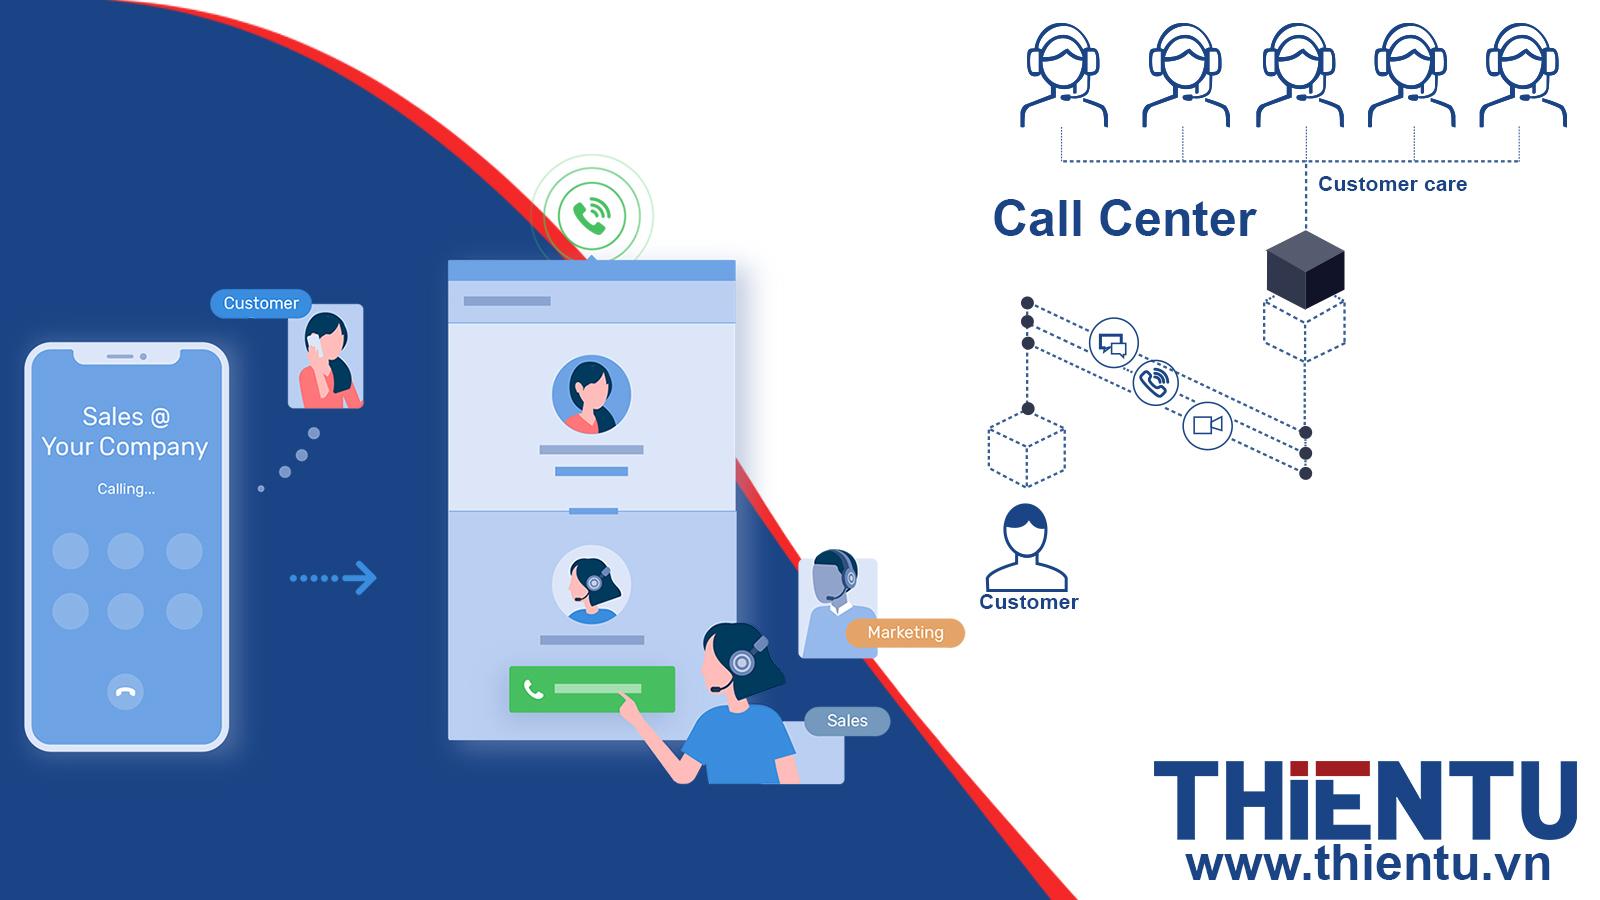 Call Center multi-channel